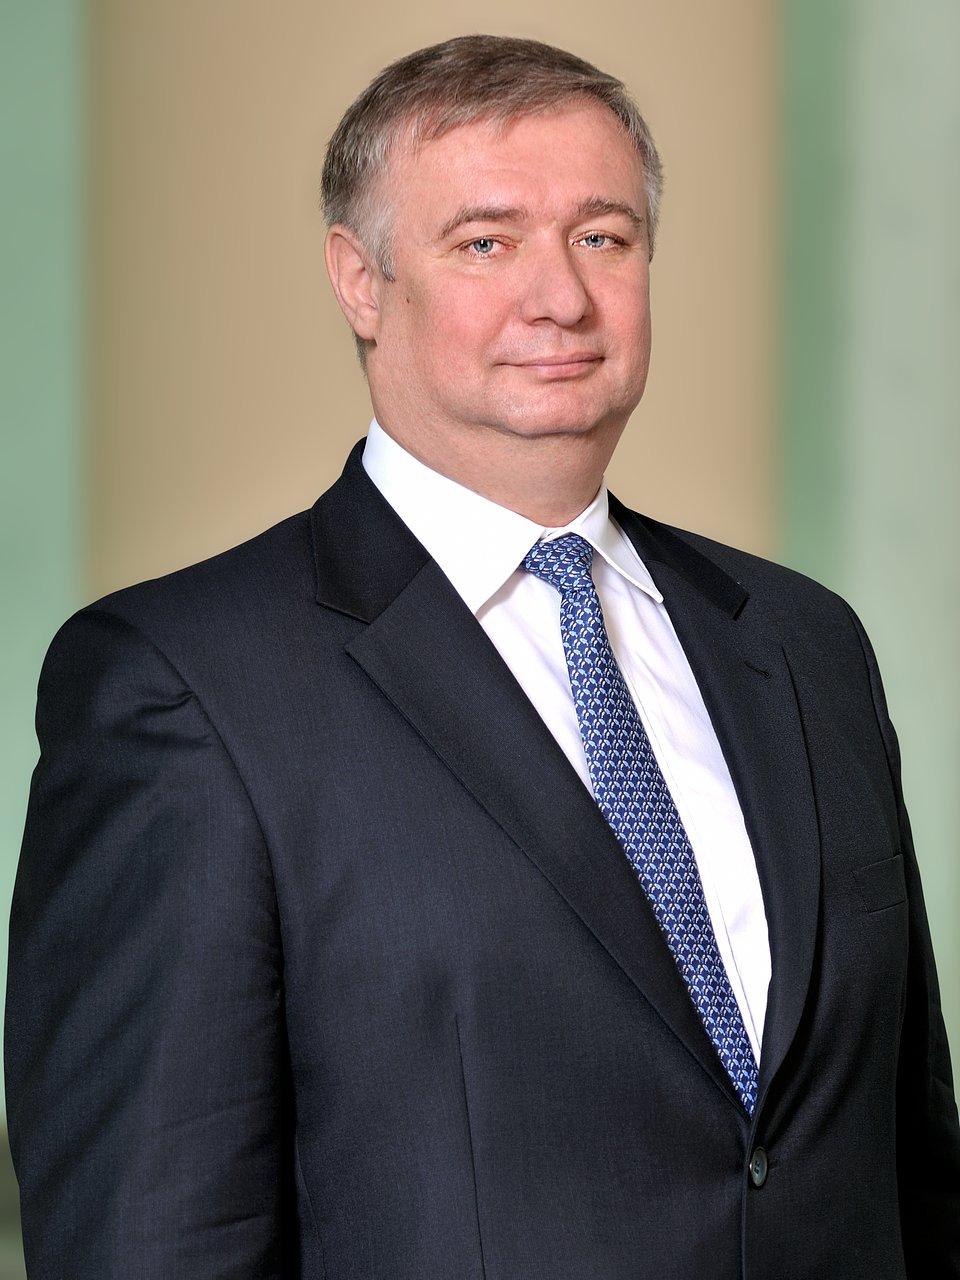 Sławomir Nalewajka, Dyrektor Zarządzający Alstom w Polsce, na Ukrainie i w Krajach Bałtyckich.